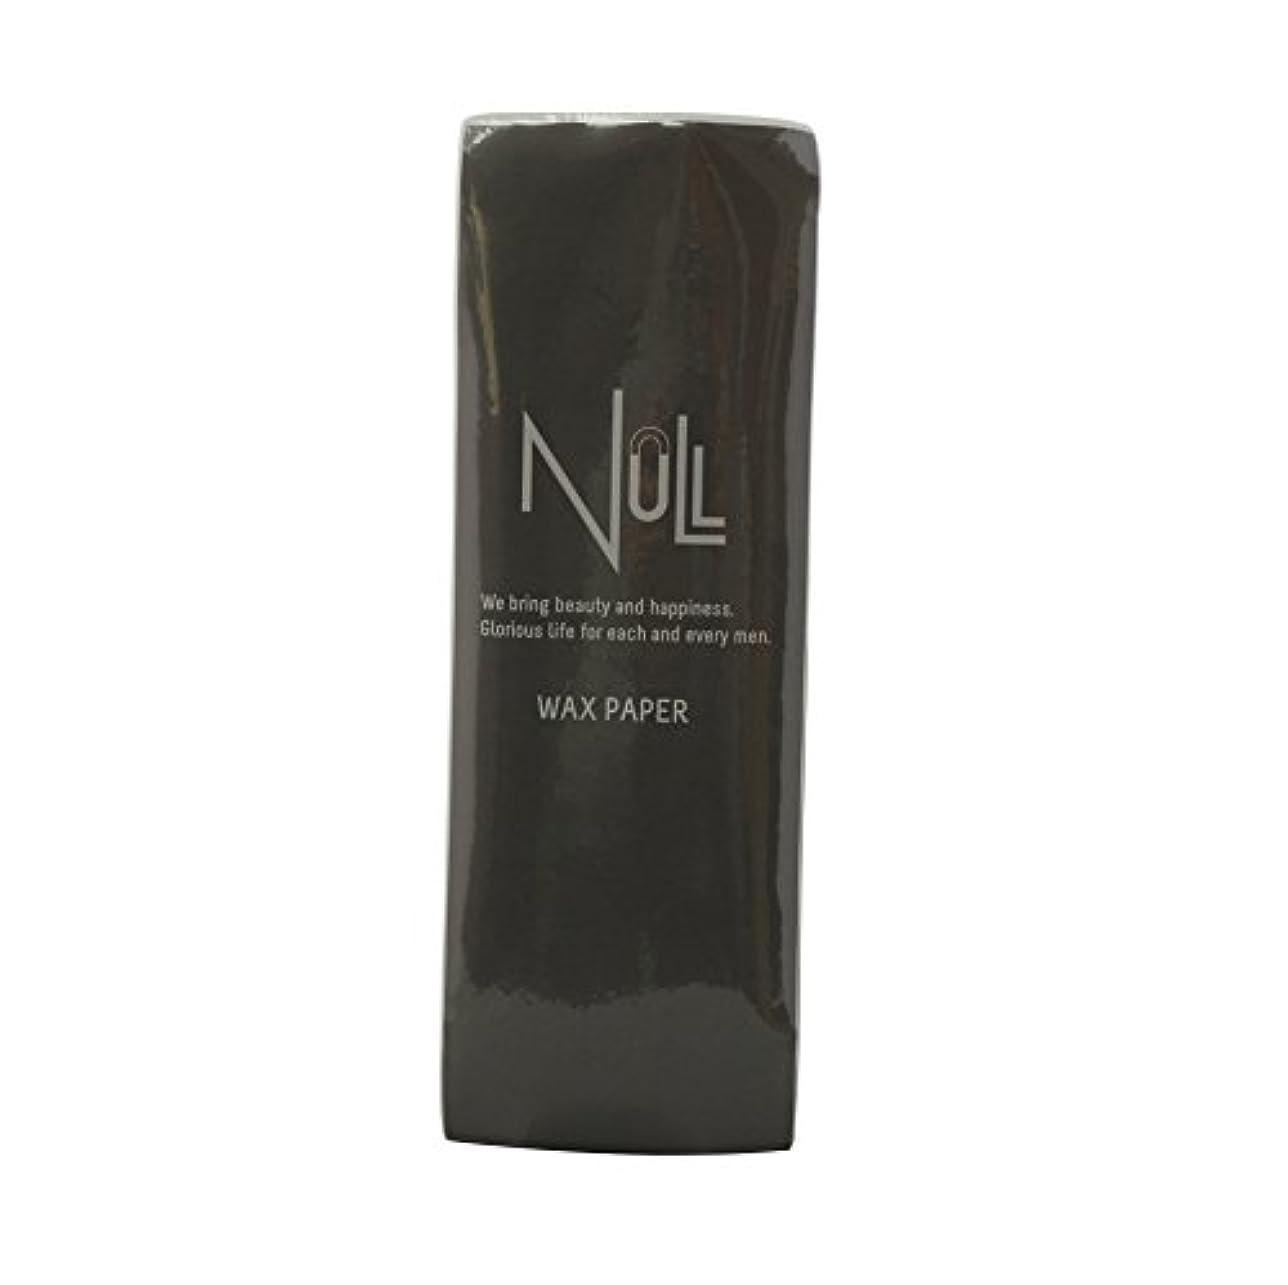 アパートドナー消防士NULL ブラジリアンワックス用ペーパー 100枚入り 70mm幅 ワックス脱毛 専用